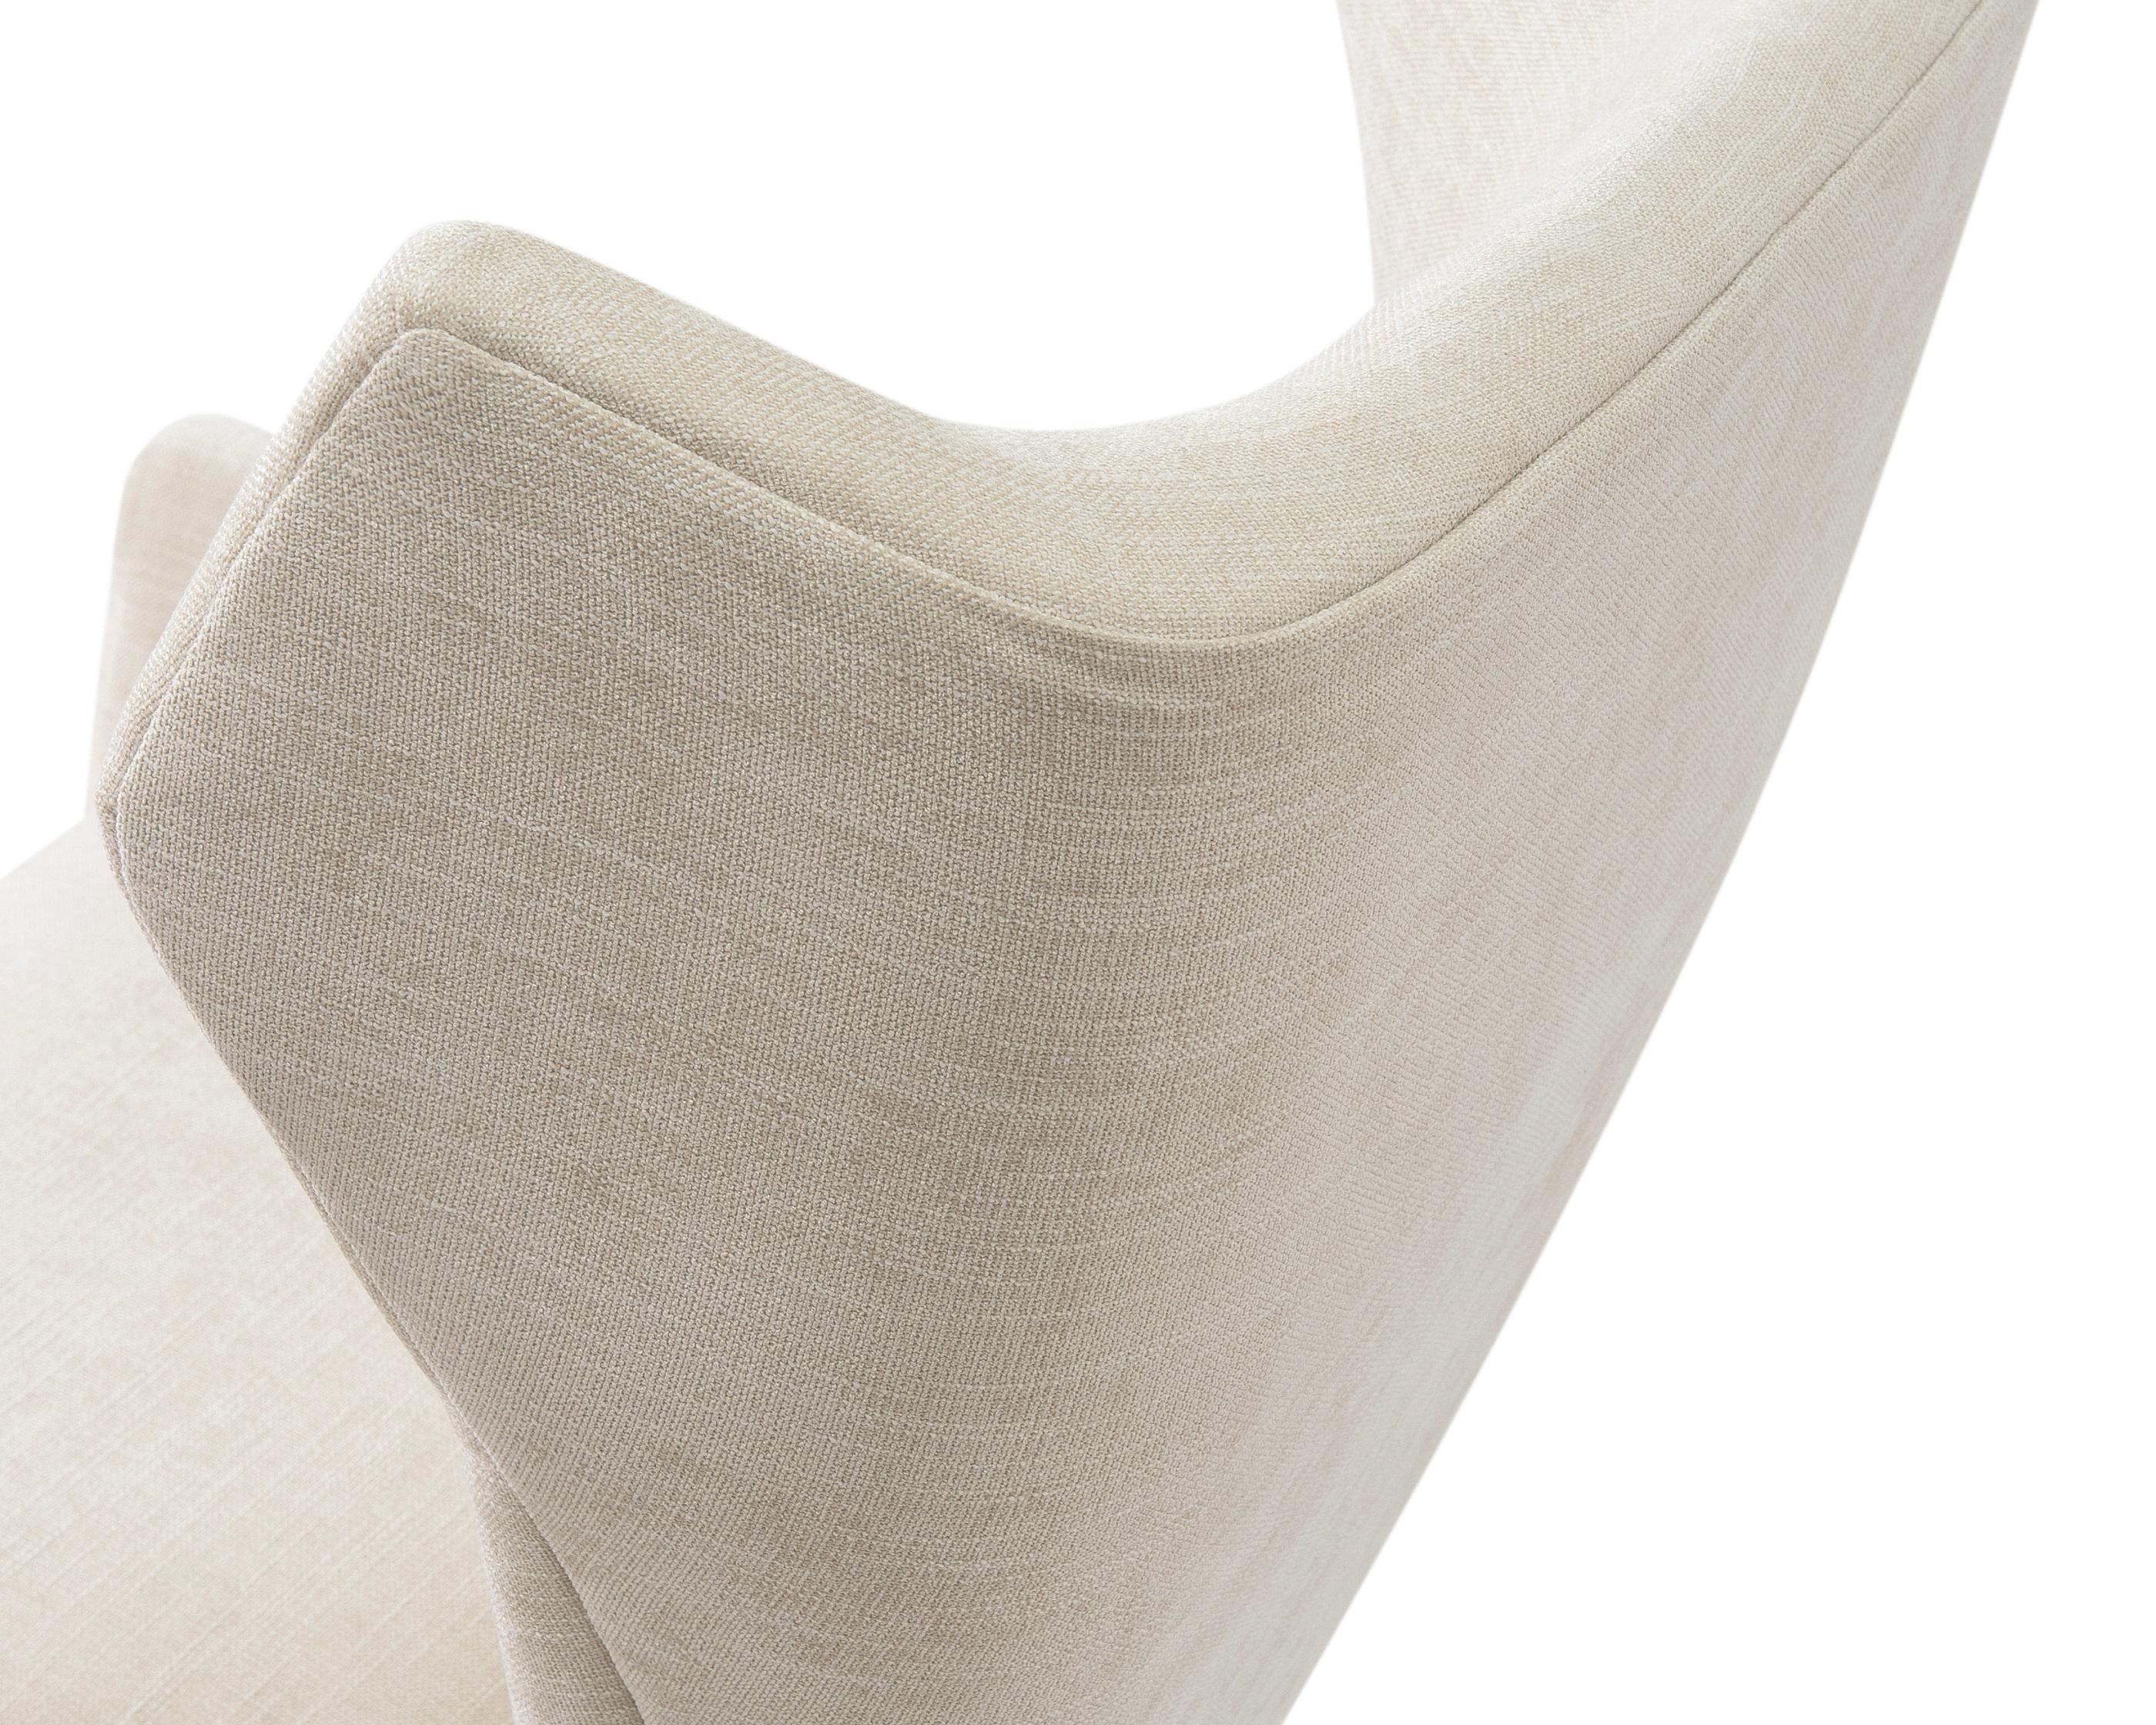 L&E Vendome Occasional Chair – Beige Chenille (BH-OCH-018) (1)